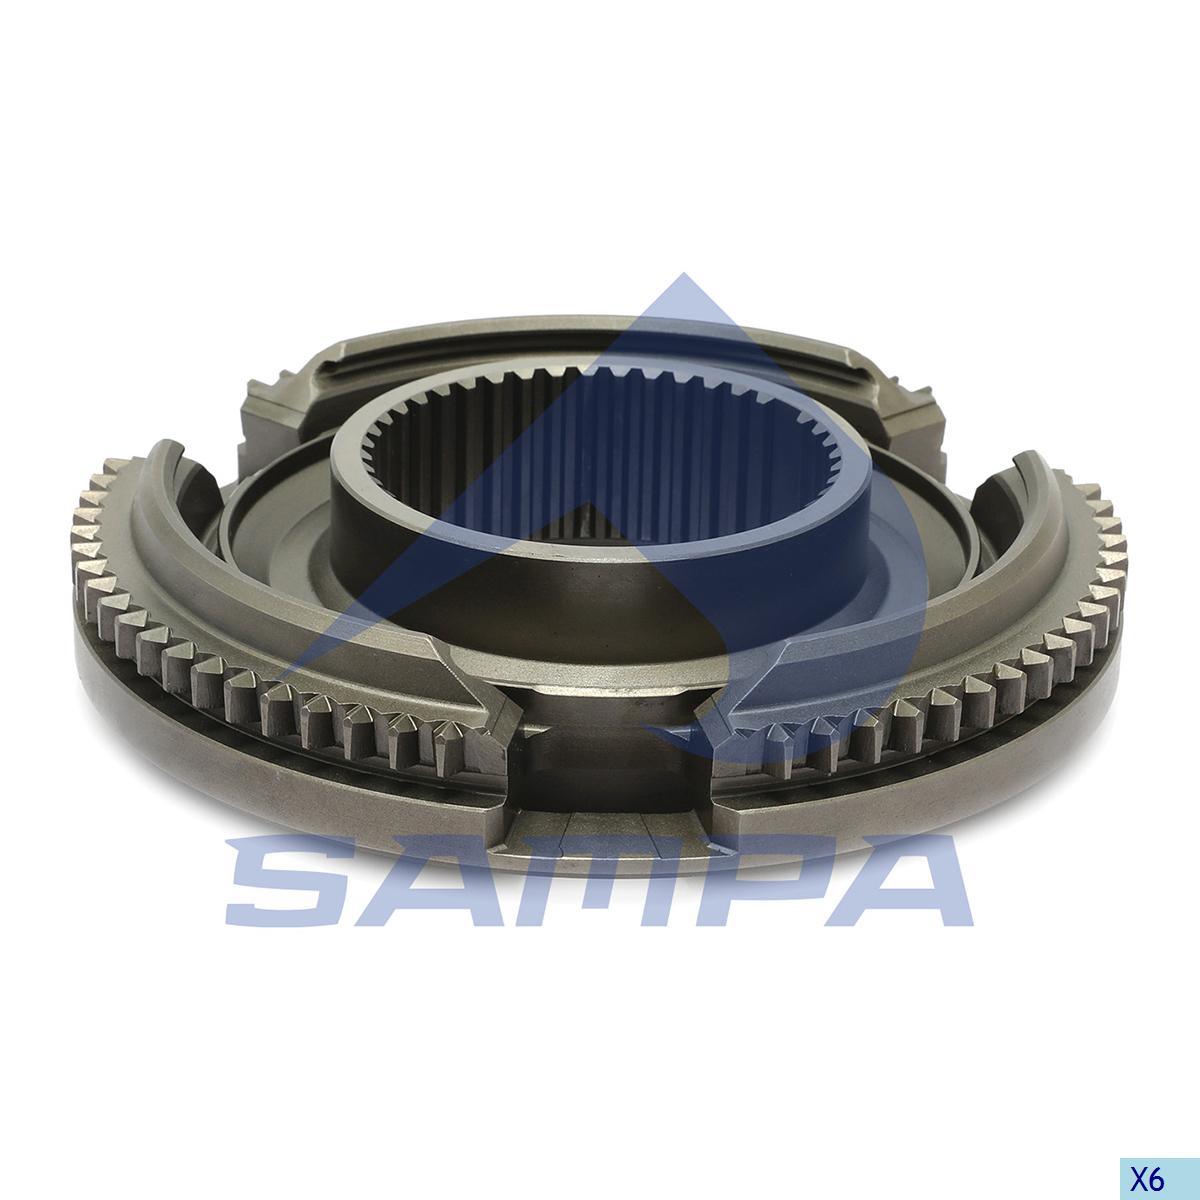 Synchronizing Ring, Planetary Gear, Mercedes, Gear Box